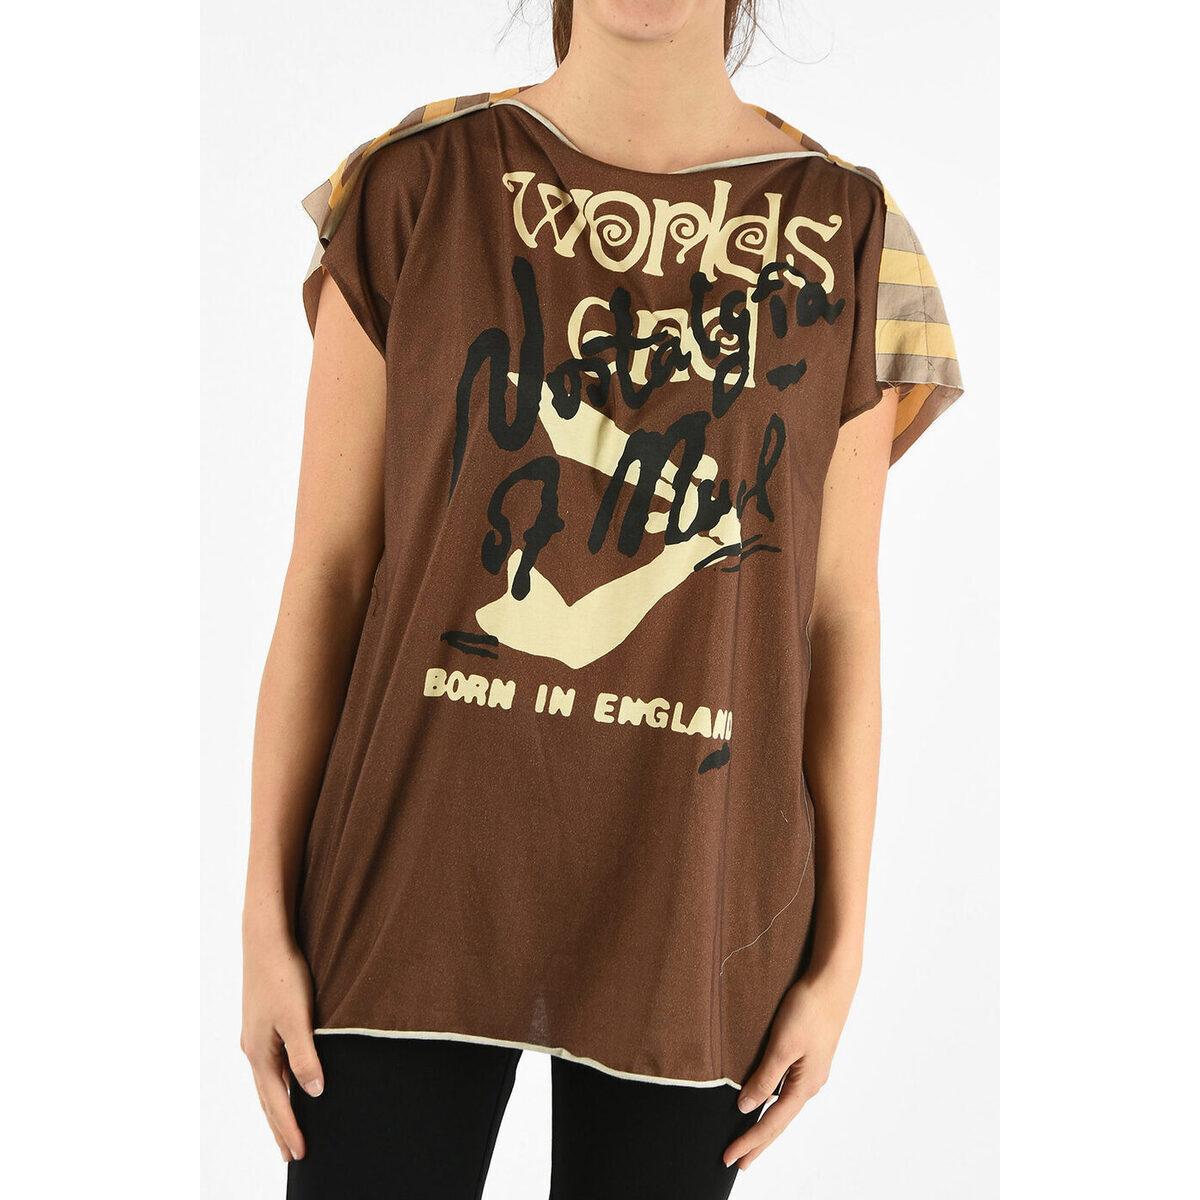 トップス, Tシャツ・カットソー VIVIENNE WESTWOOD Brown WORLDS END Unstructured SQUARE t-shirt dk